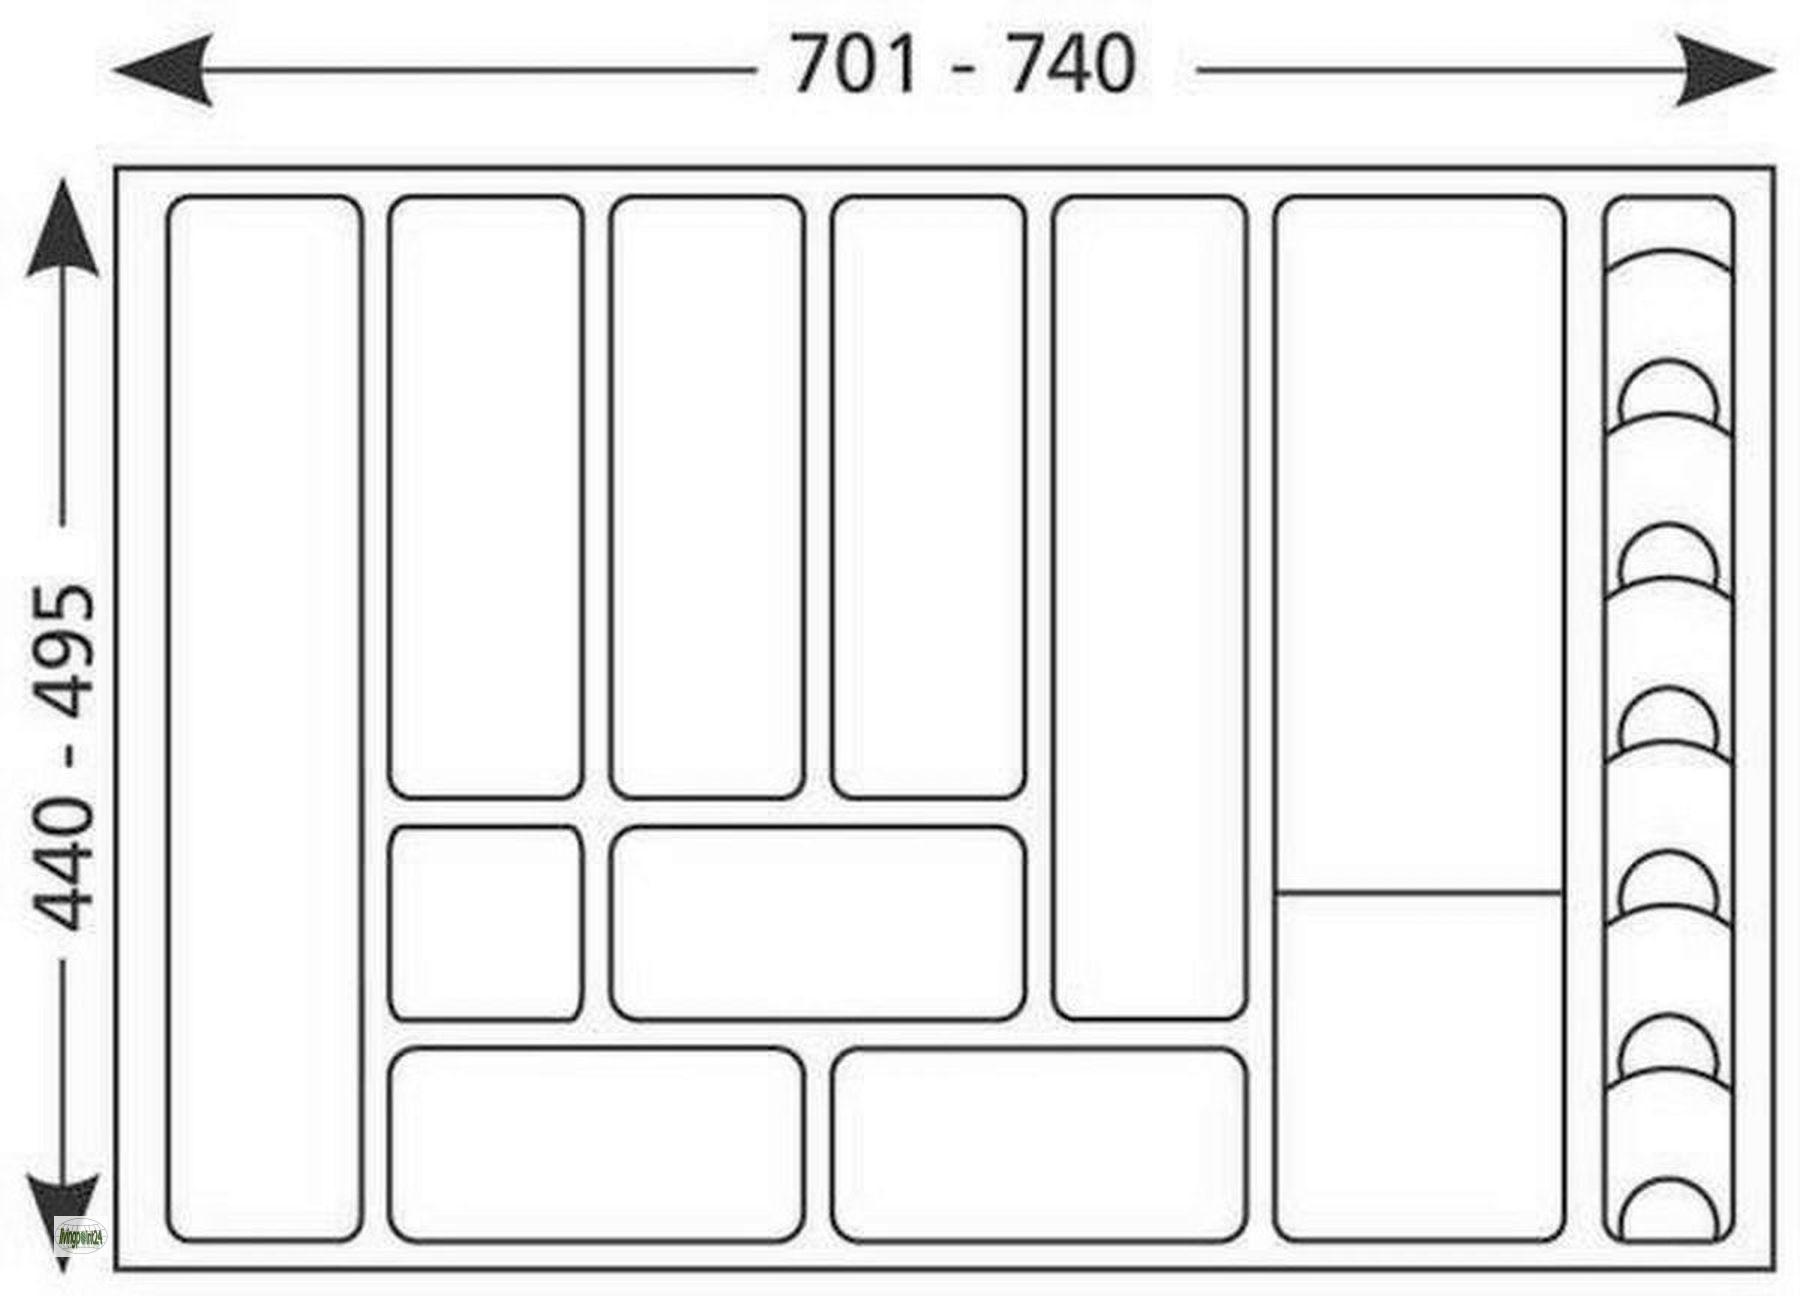 Anni 39 80 inserto porta posate accorciabile per cassetto 701 740mm 517169 ebay - Porta posate da cassetto ...